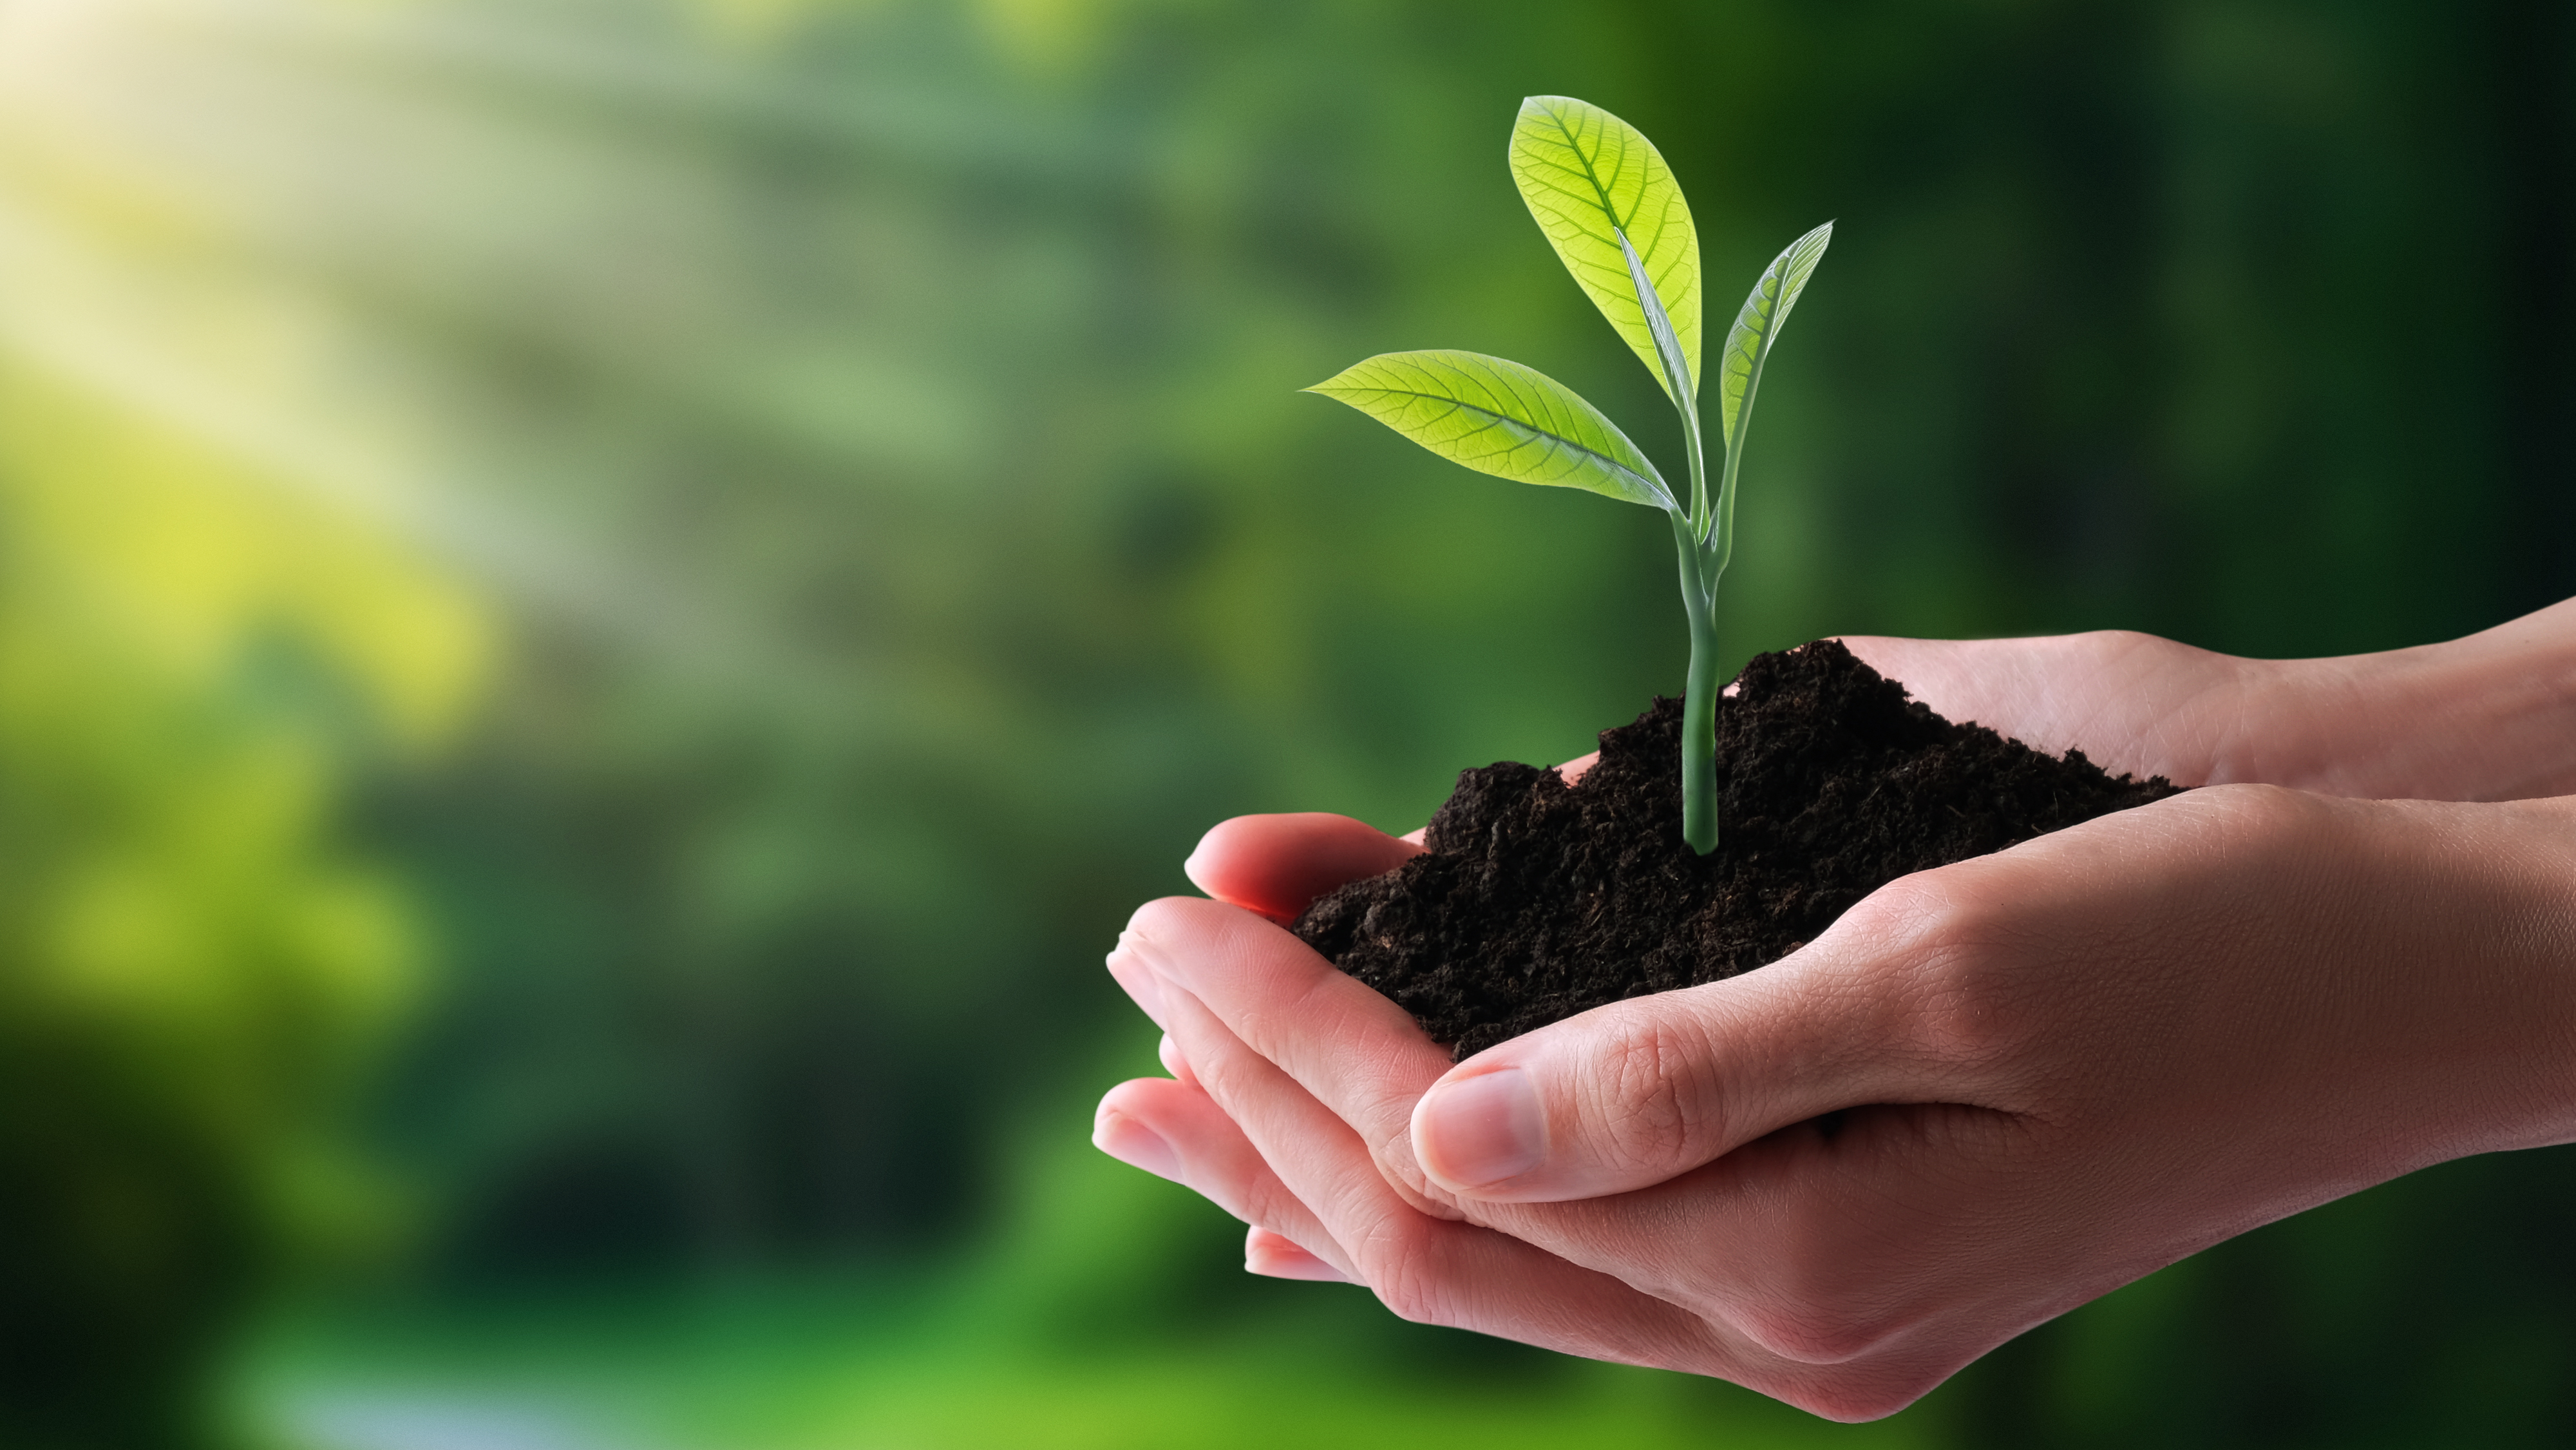 Sustentabilidade e tecnologia devem caminhar juntas no futuro da agricultura mundial